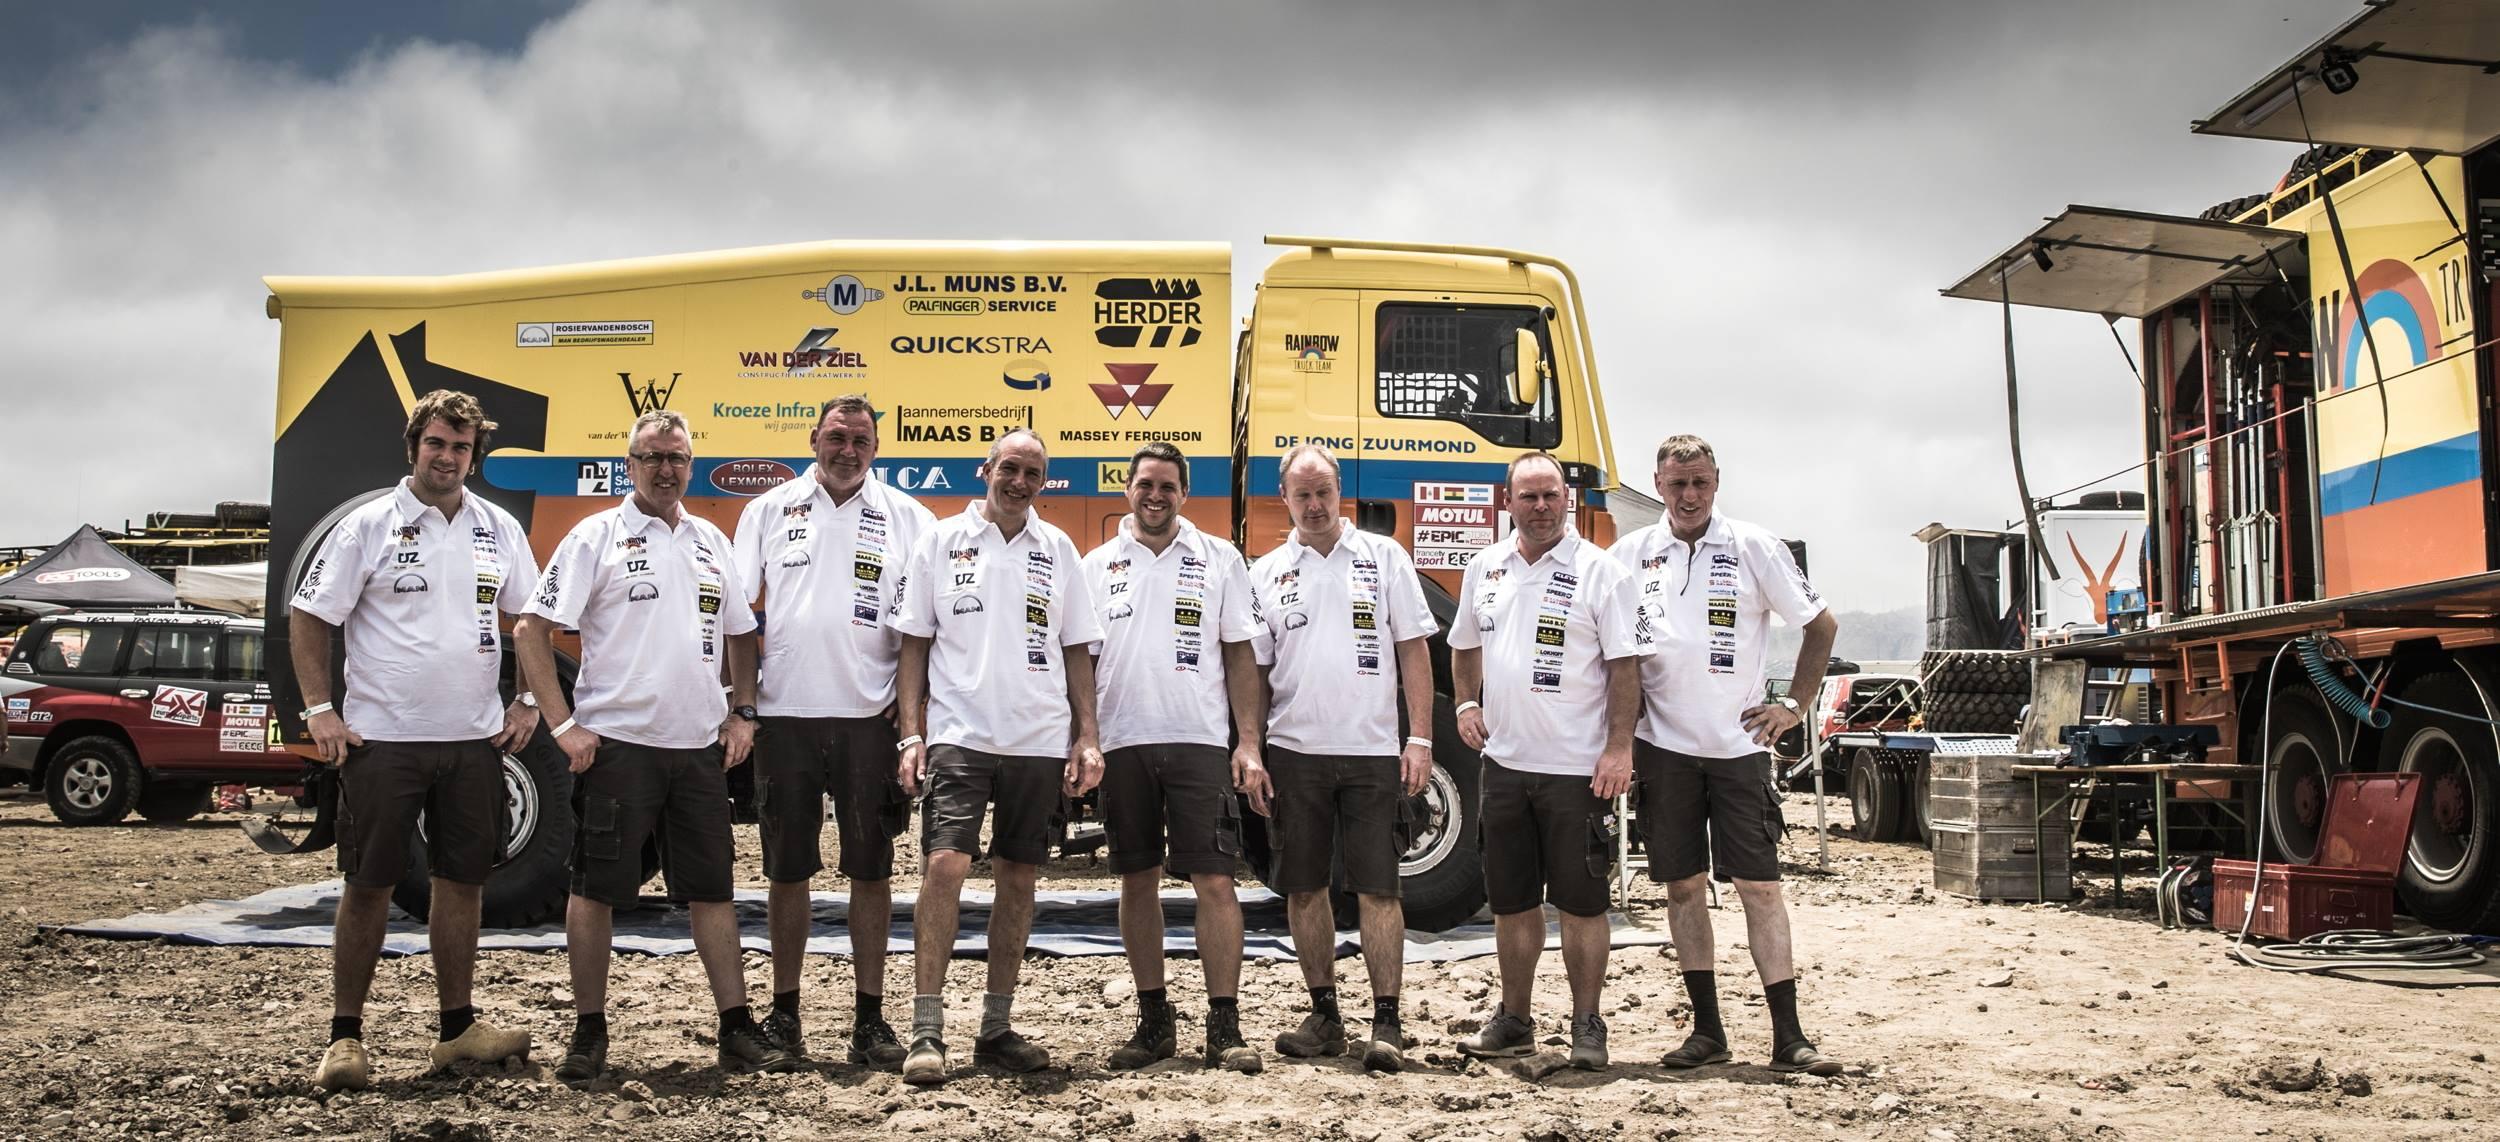 Rainbow-team verheugt zich op een week vol zand